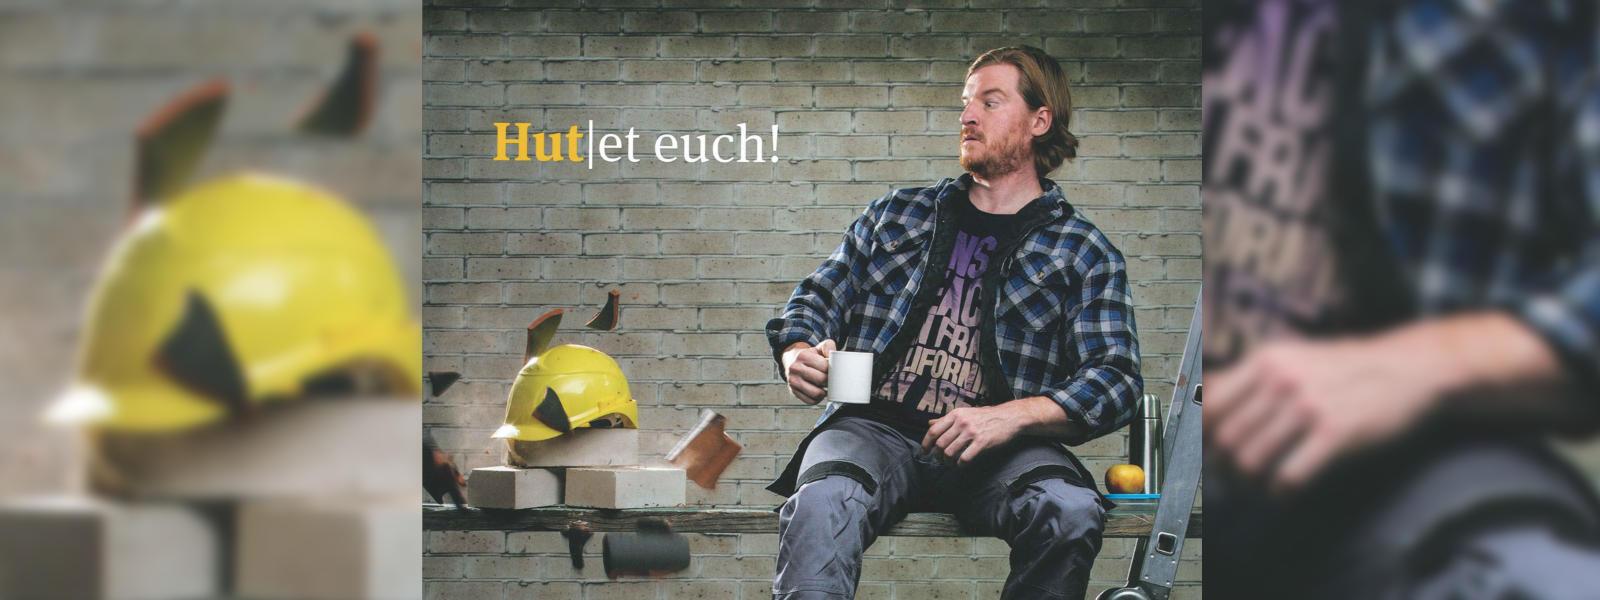 hutet_euch